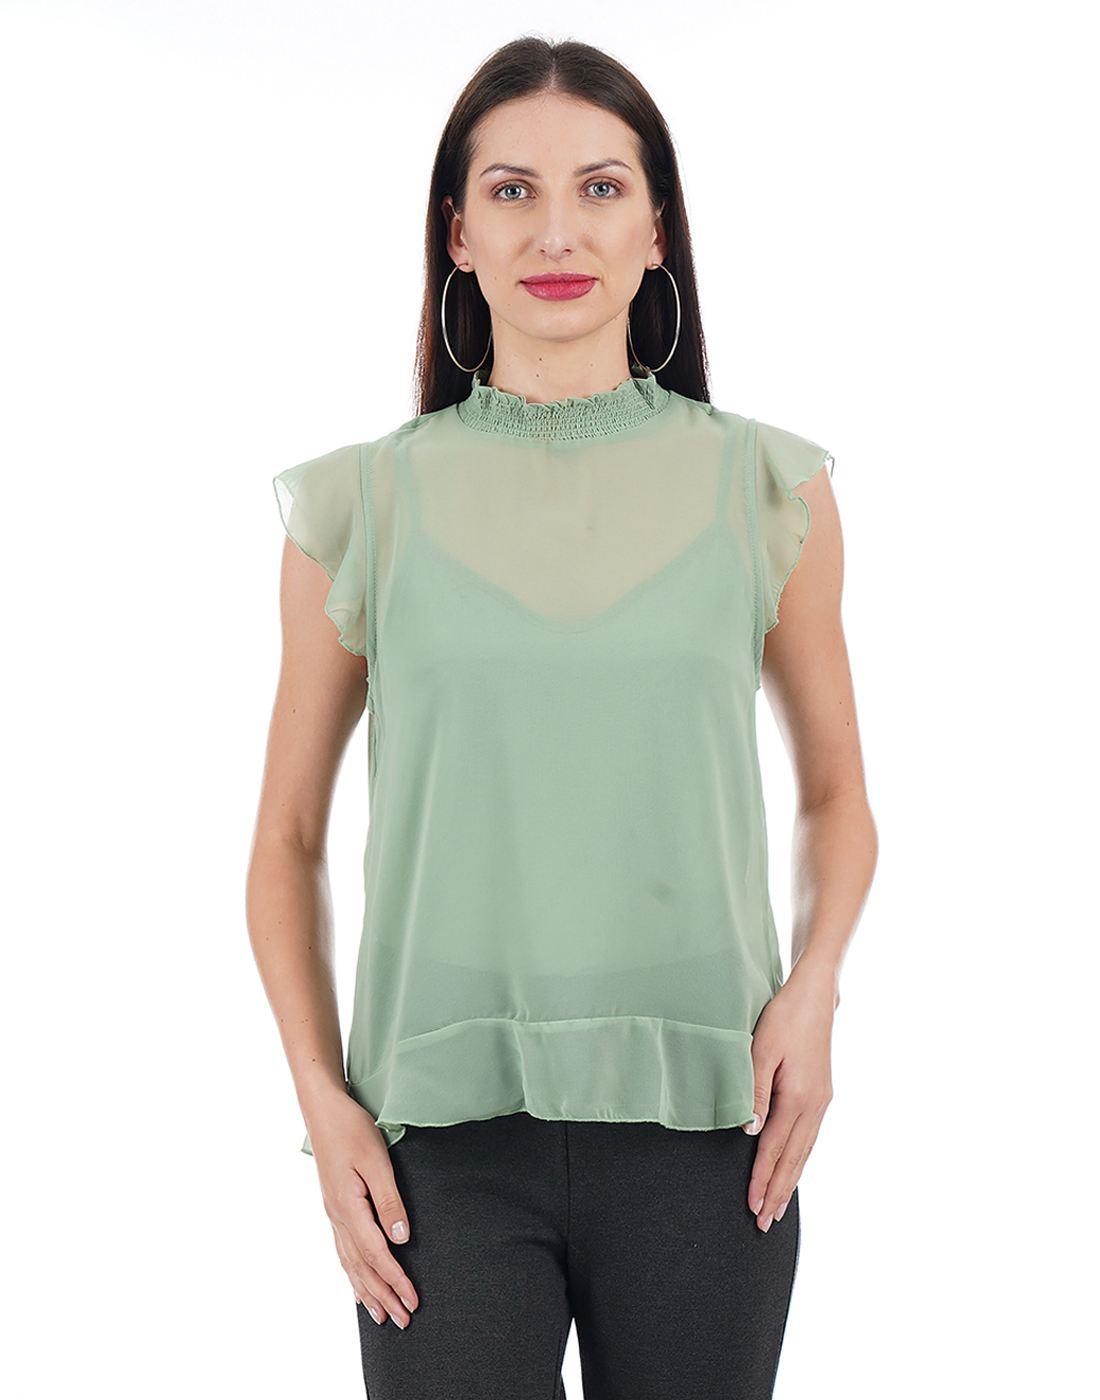 Vero Moda Women Green Top